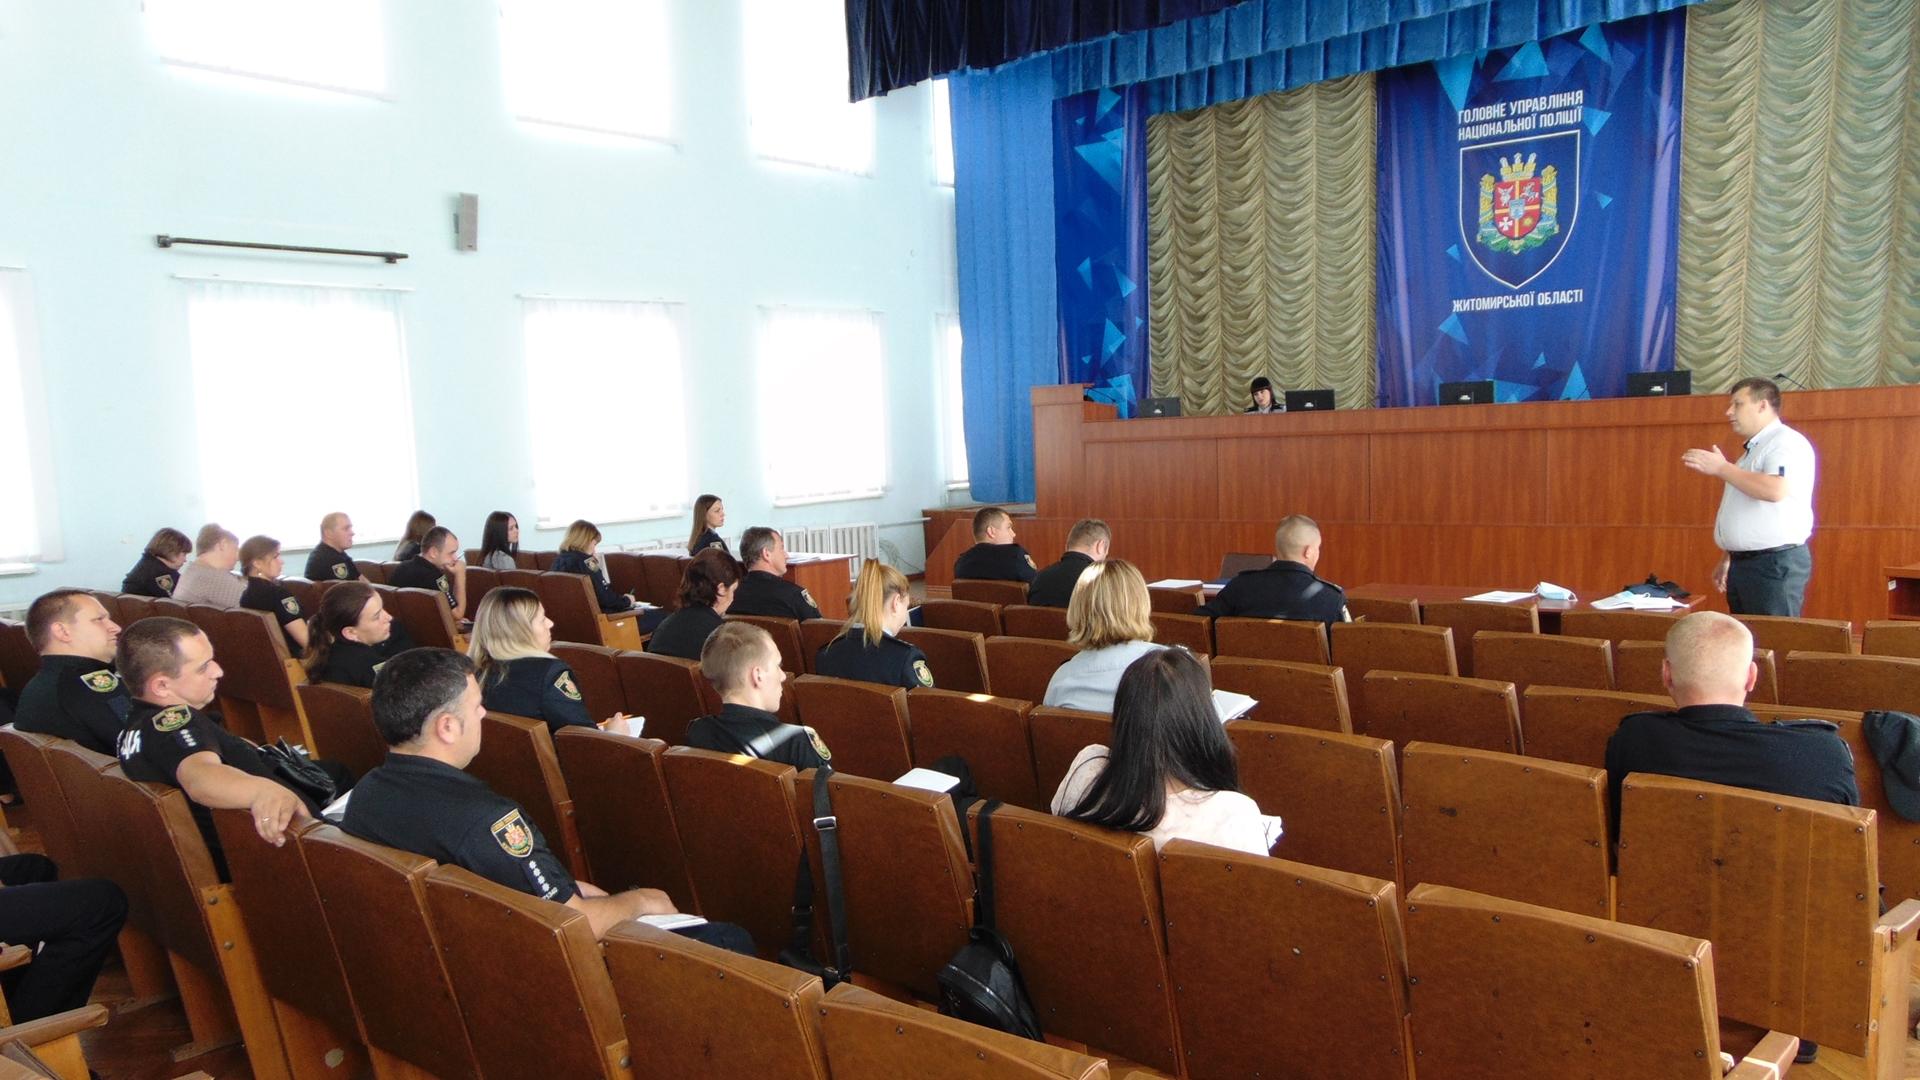 Житомирський НДЕКЦ МВС продовжує співпрацювати з підрозділами Національної поліції Житомирщини